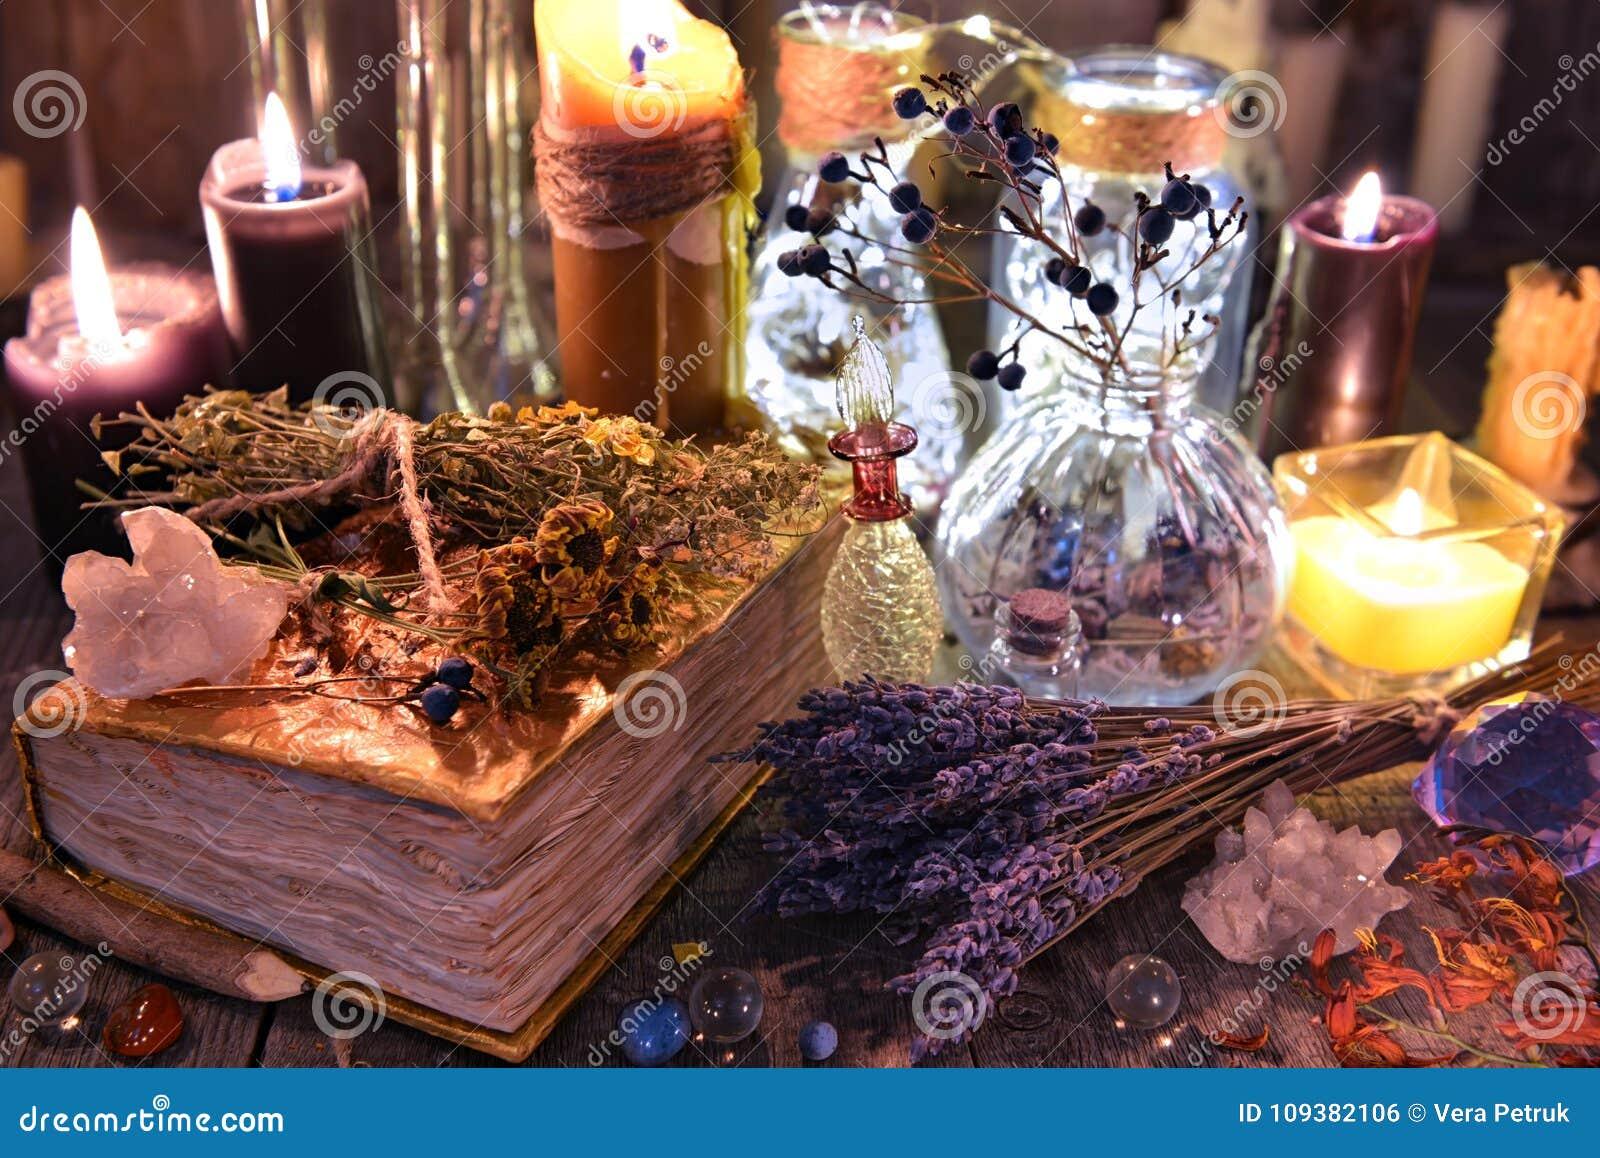 La raccolta rituale della strega con il vecchi abbecedario, lavanda, bottiglie, erbe e magia obietta